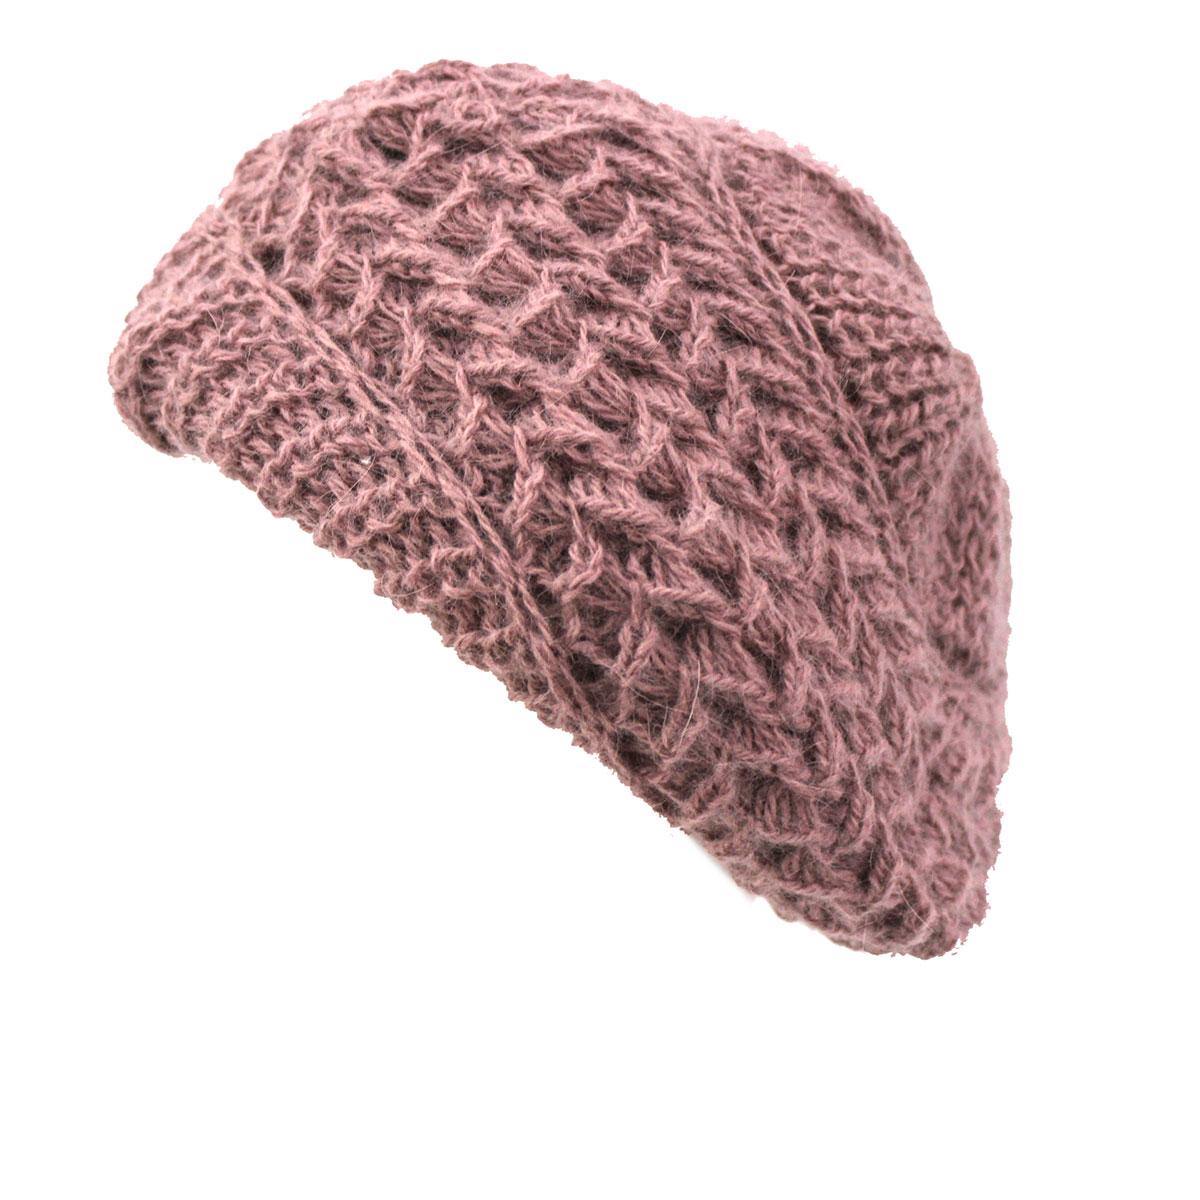 Cappello donna a maglia MISTO LANA ANGORA modello basco MADE IN ITALY 812  cipria 2e46898b5c71